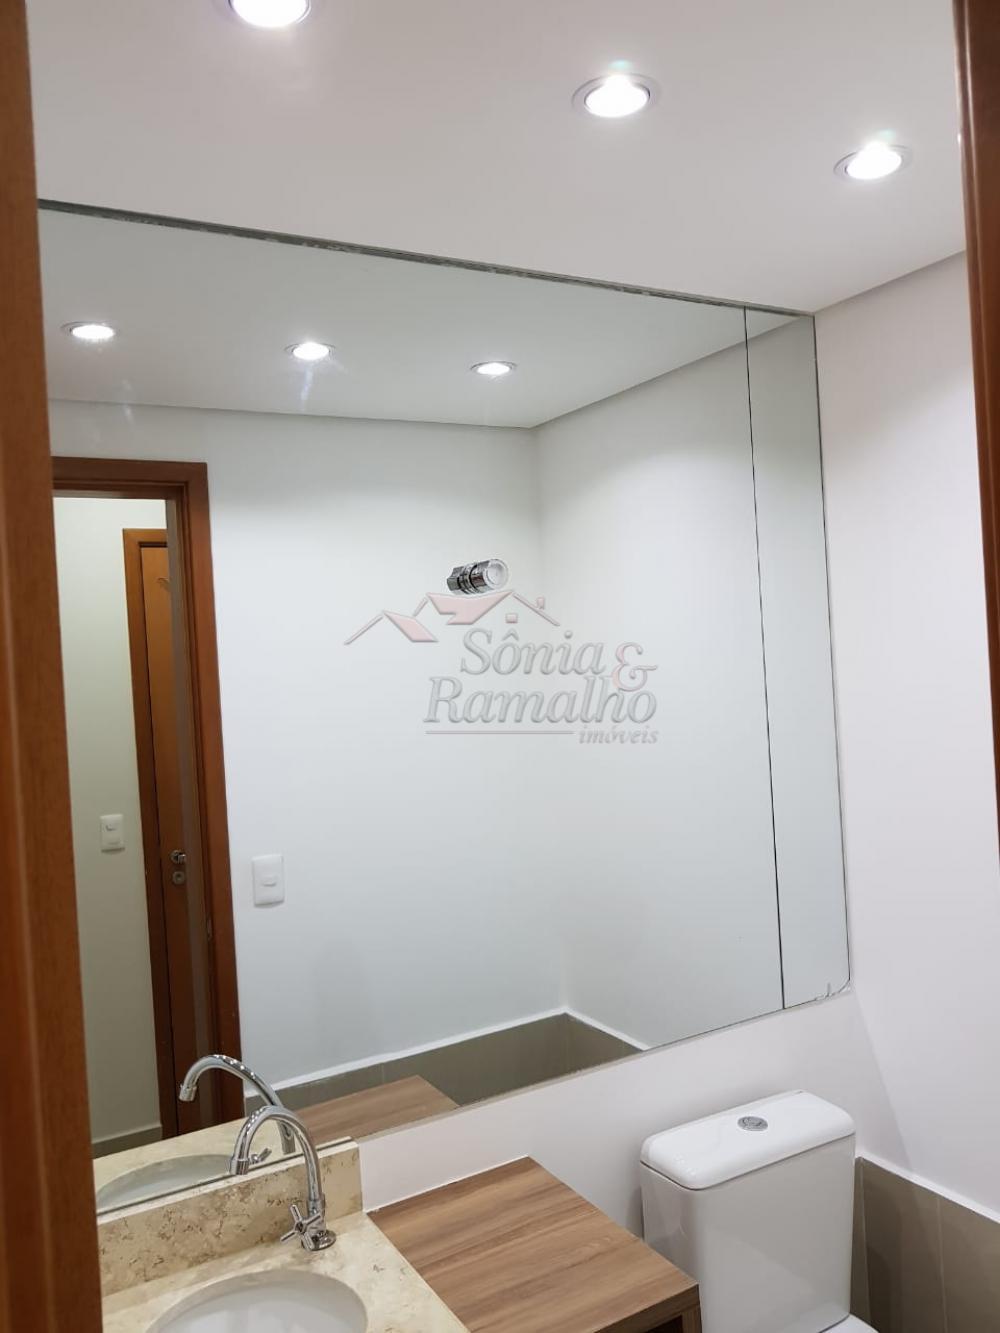 Alugar Apartamentos / Padrão em Ribeirão Preto apenas R$ 1.900,00 - Foto 9